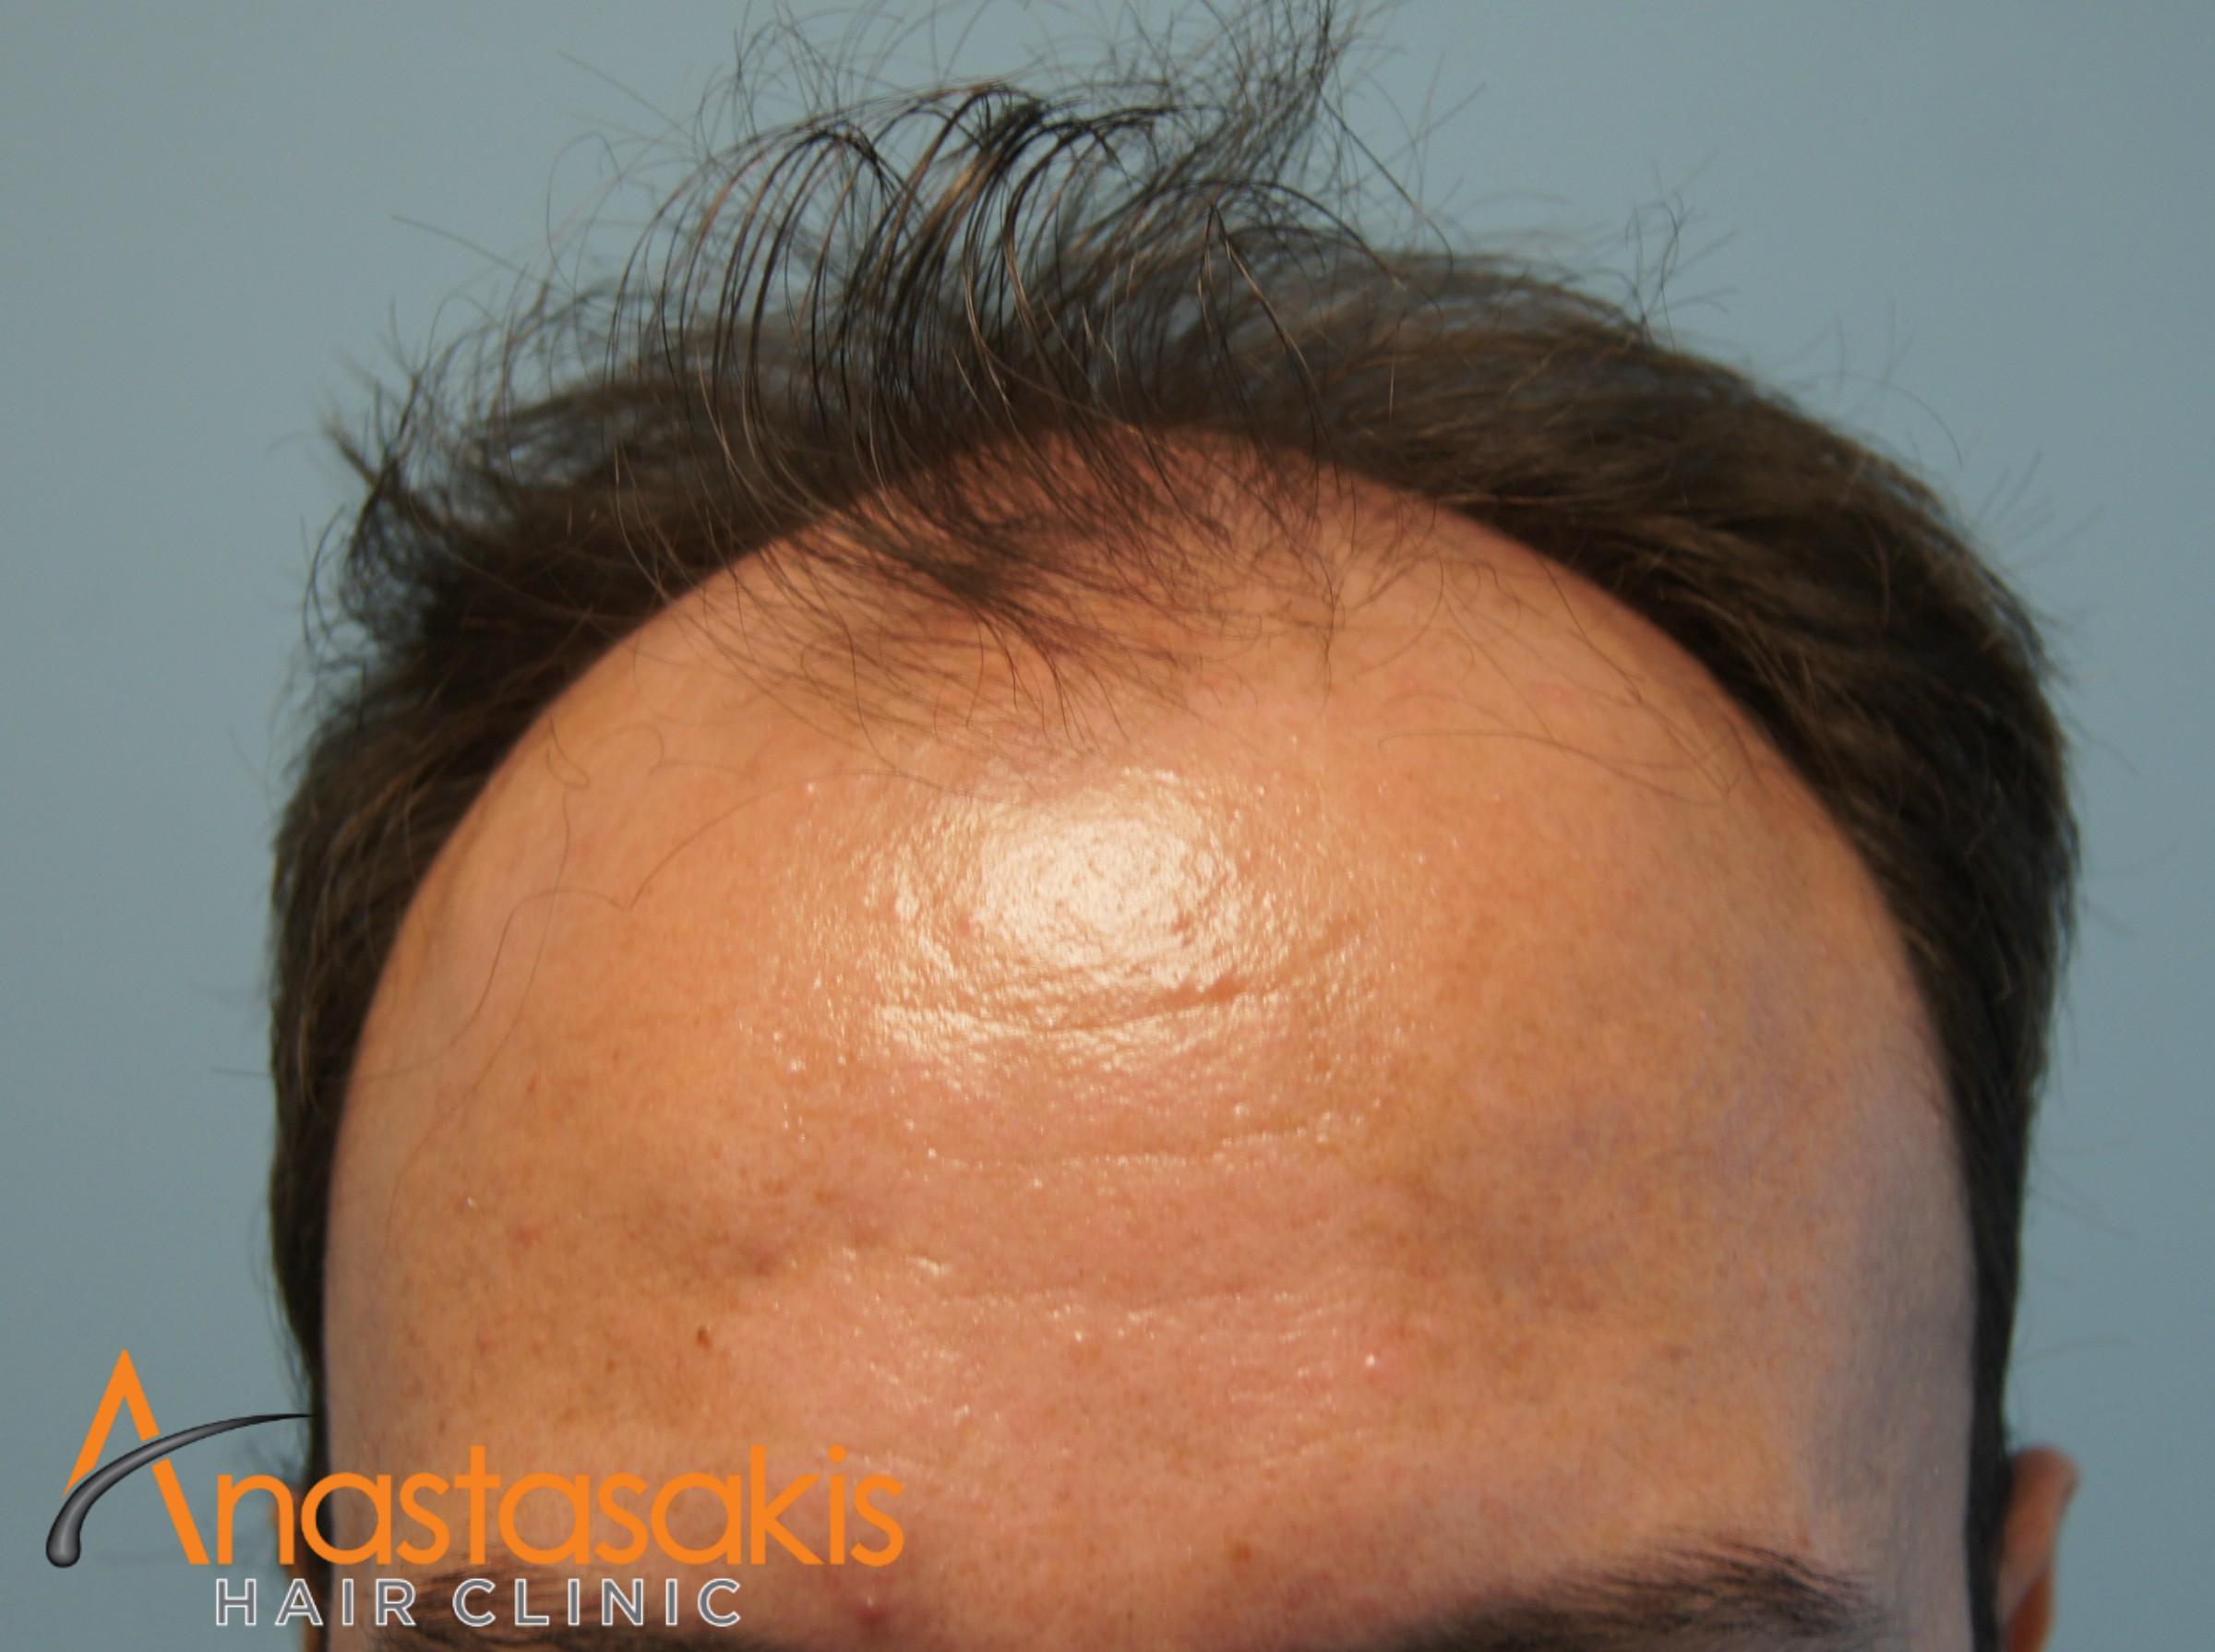 περιστατικό πριν την εμφύτευση μαλλιών fut με 3000fus hairline